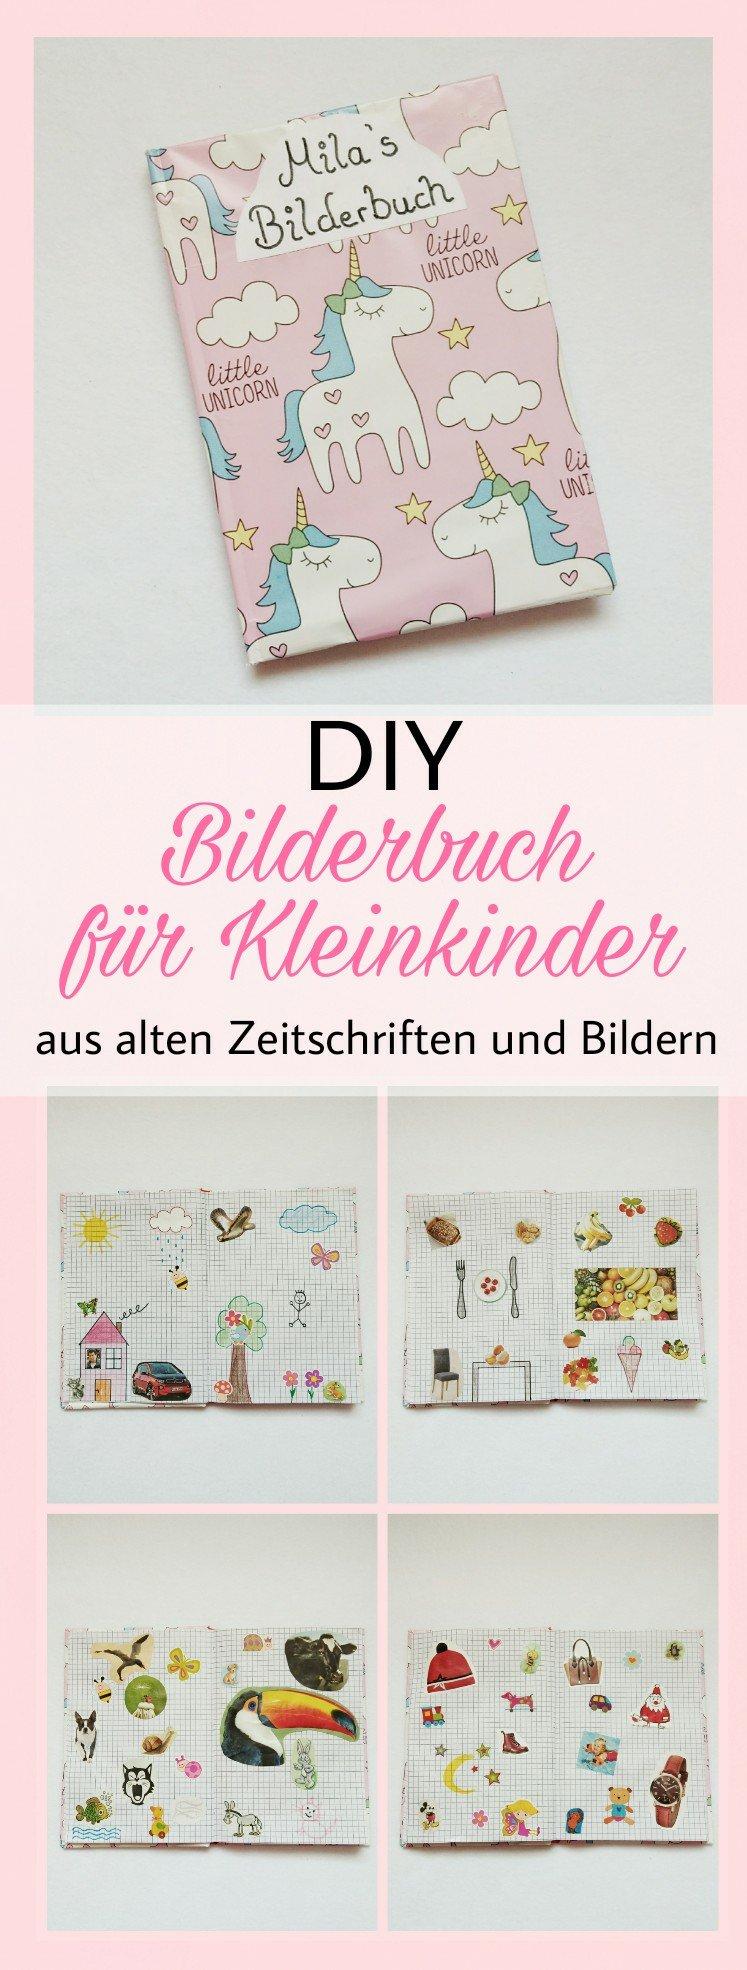 Eine tolle kreative DIY Idee. Ein Bilderbuch oder Lernbuch für Kleinkinder und Babys selber basteln. Eine tolle Beschäftigungsmöglichkeit zum Wörter lernen und Geschichten erzählen. Ein einzigartiges Buch für eure Kinder.